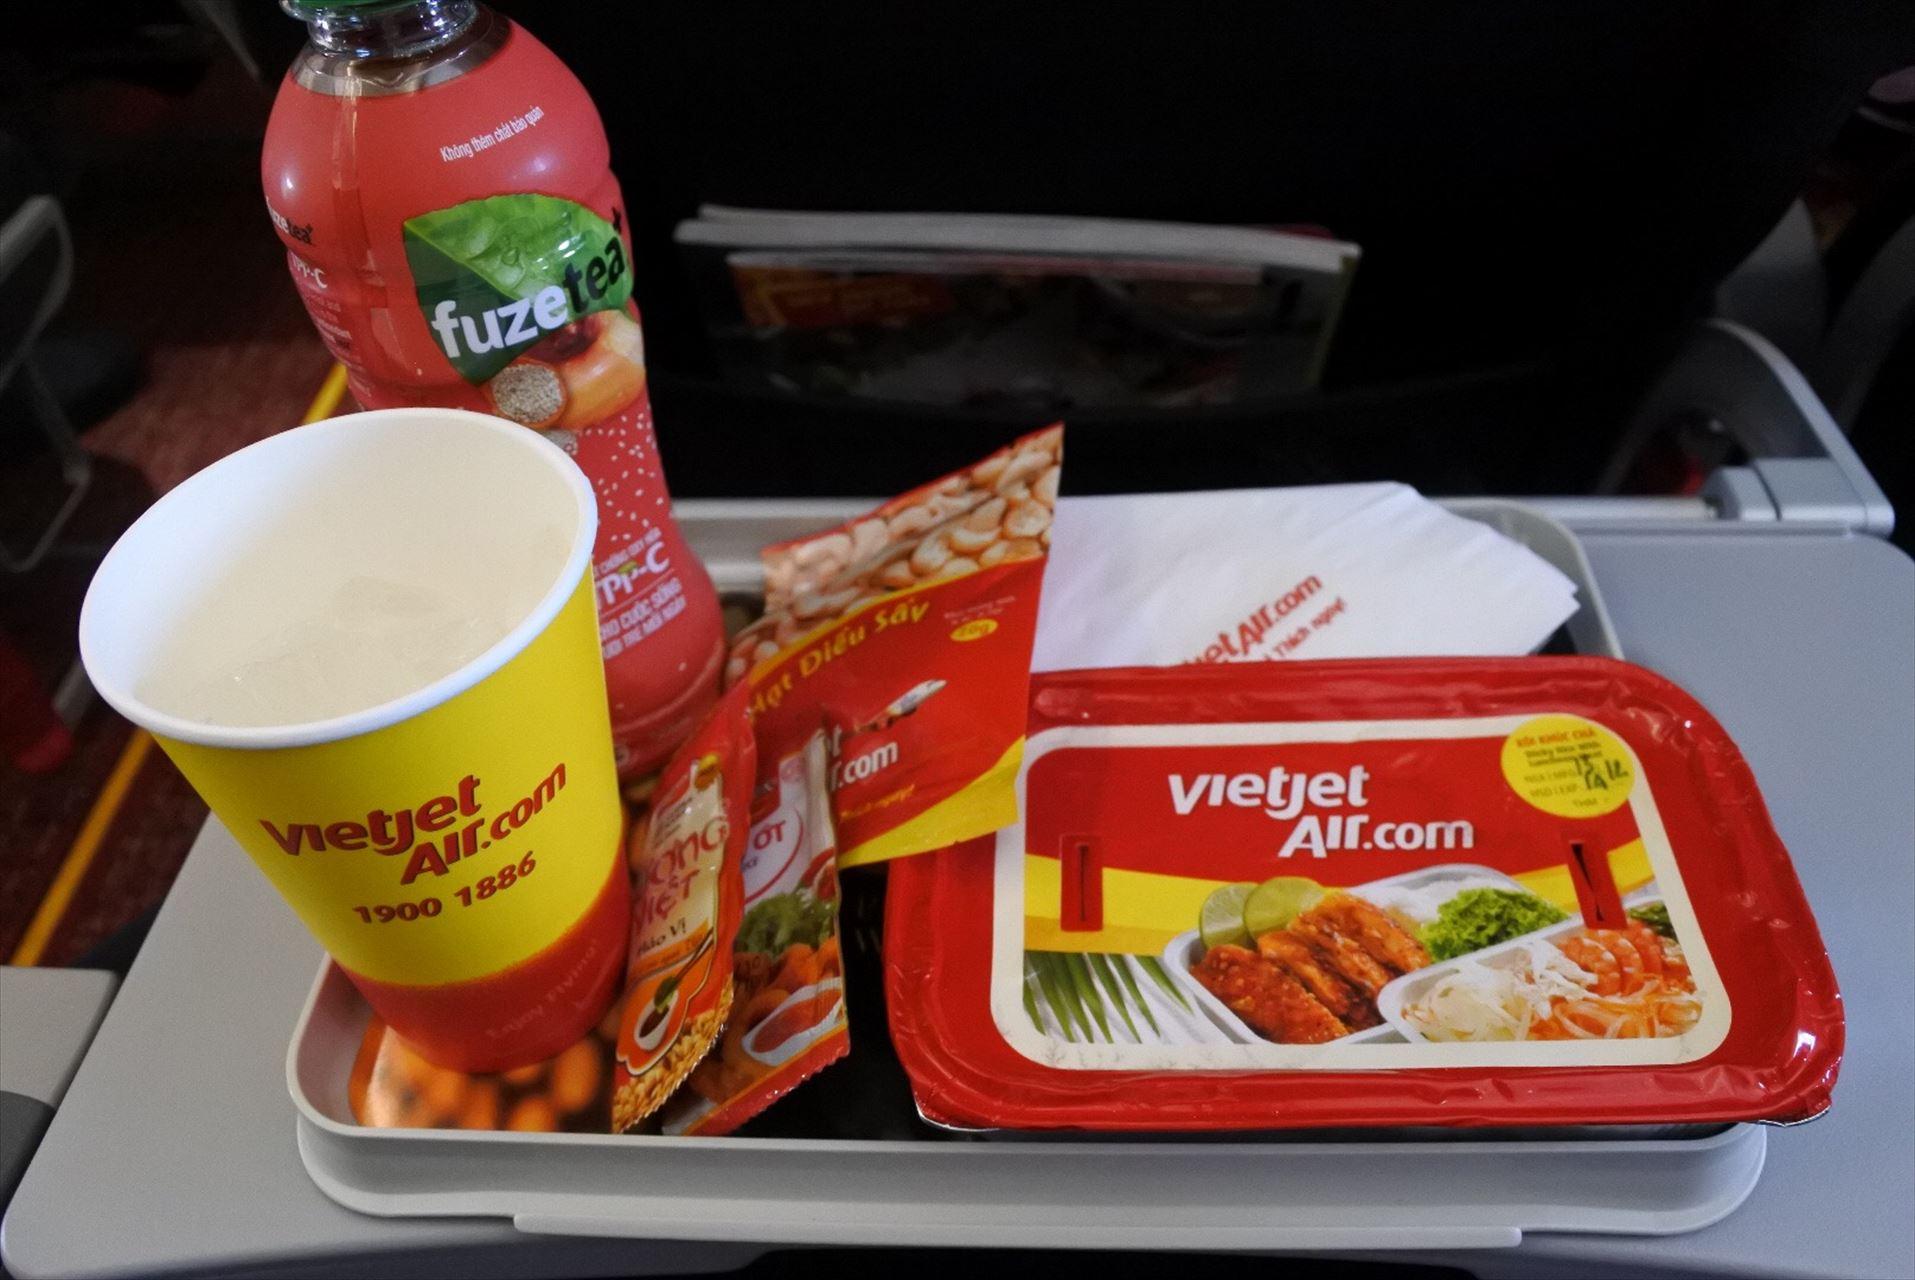 ベドジェットエア機内食